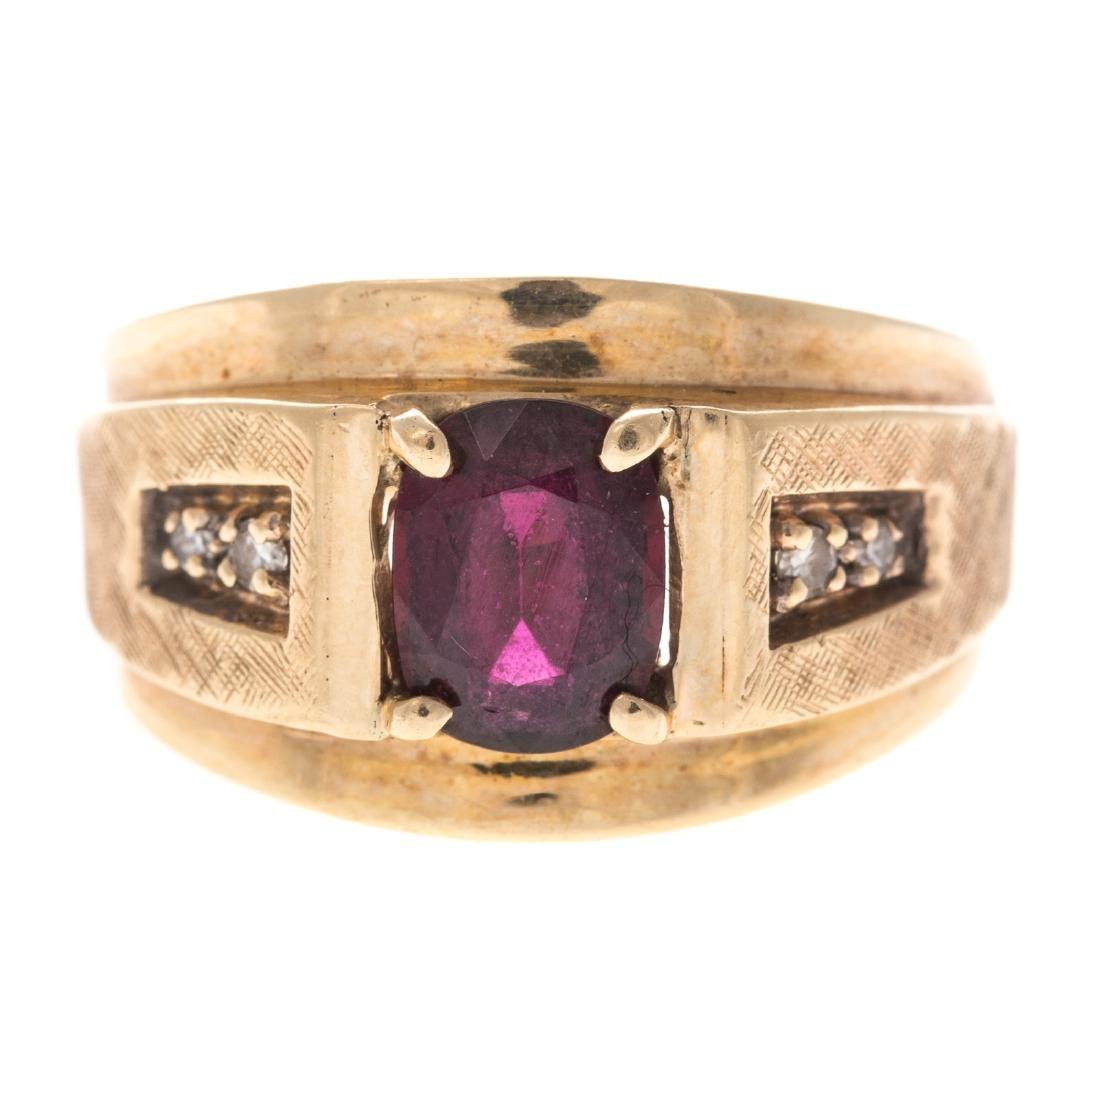 A Gentlemen's Ruby & Diamond Ring in 14K